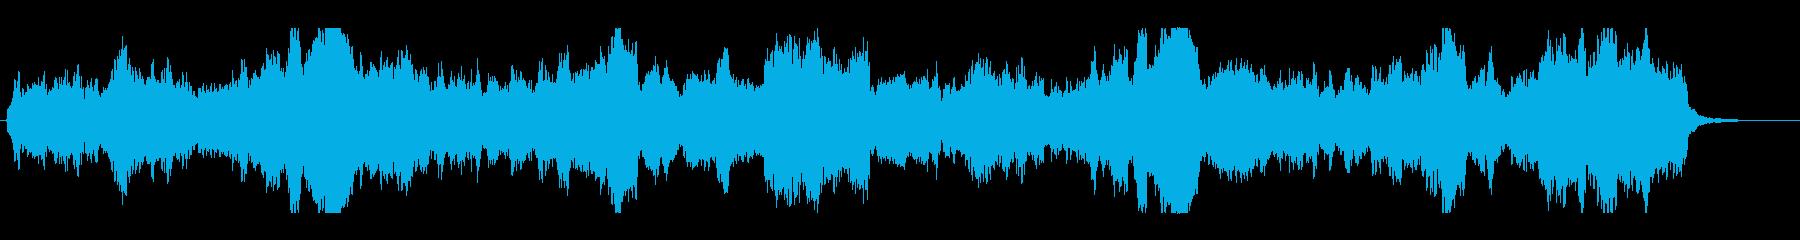 ♪弦楽四重奏。重く、深く、幻想的な旋律の再生済みの波形